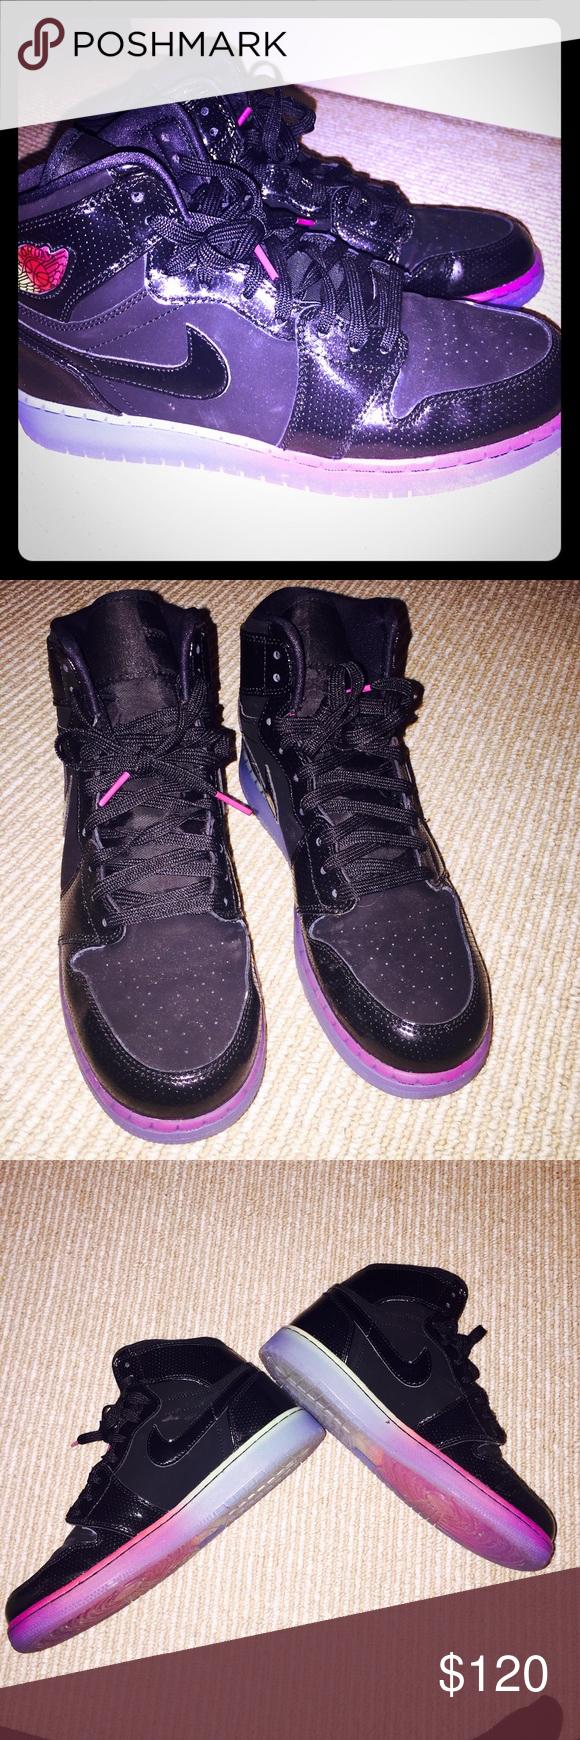 Nike Air Jordan High Top Sneakers